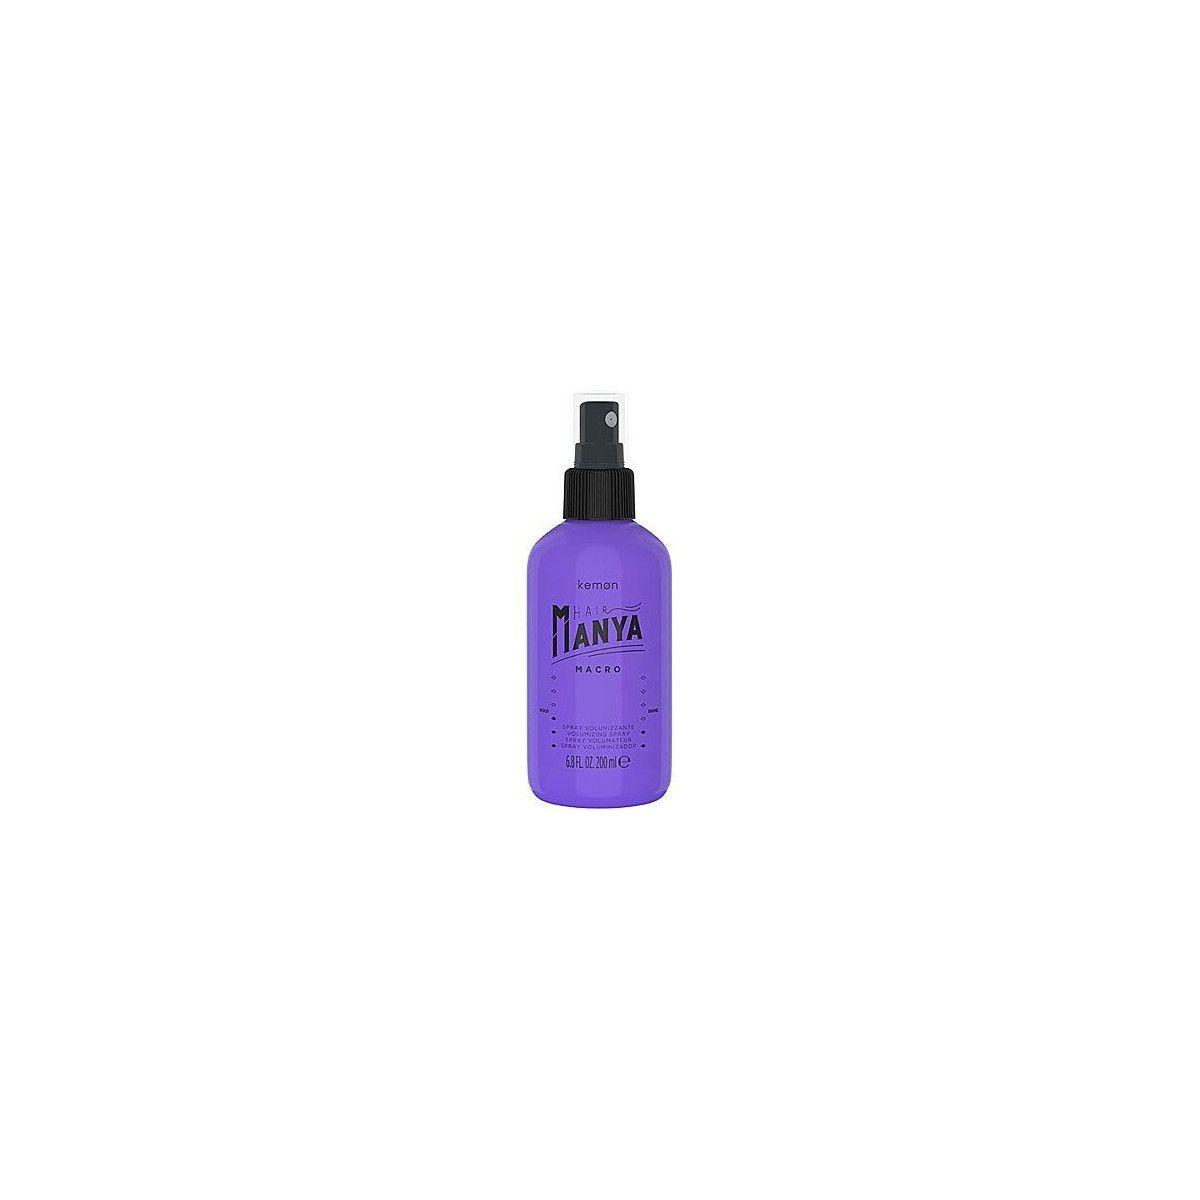 Kemon HAIR MANYA Macro, spray nadający objętość włosom 200ml